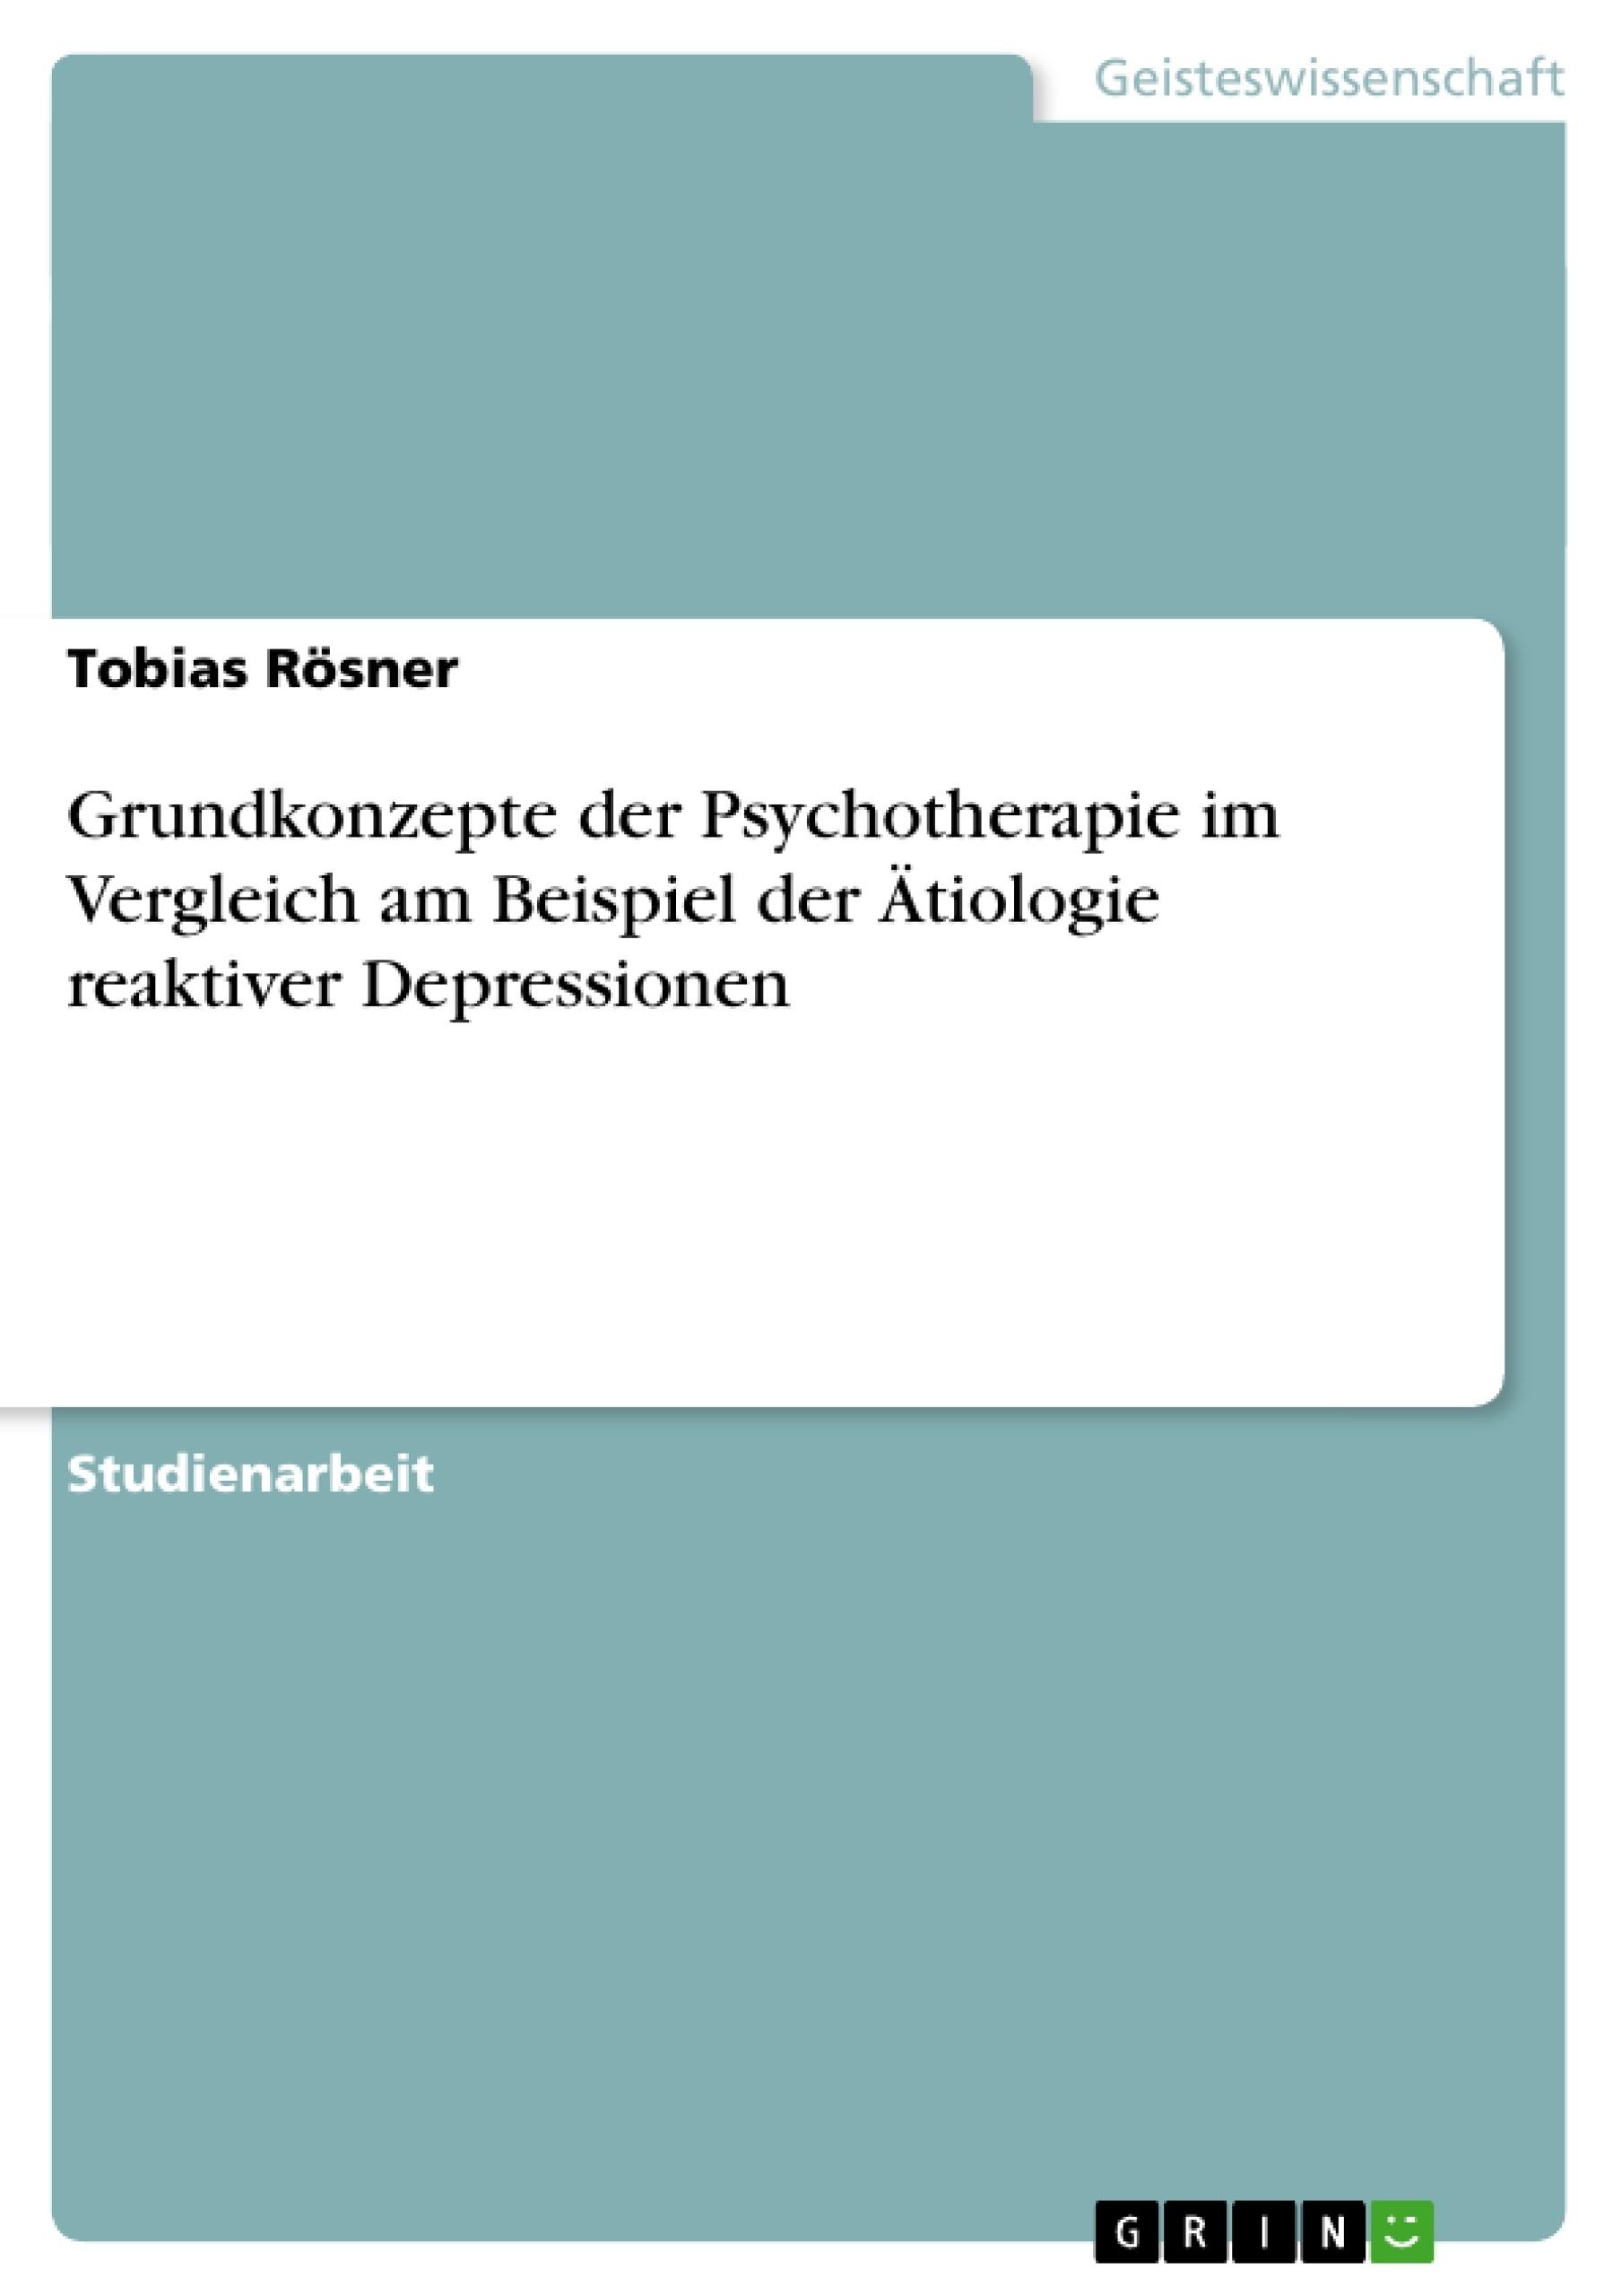 Titel: Grundkonzepte der Psychotherapie im Vergleich am Beispiel der Ätiologie reaktiver Depressionen